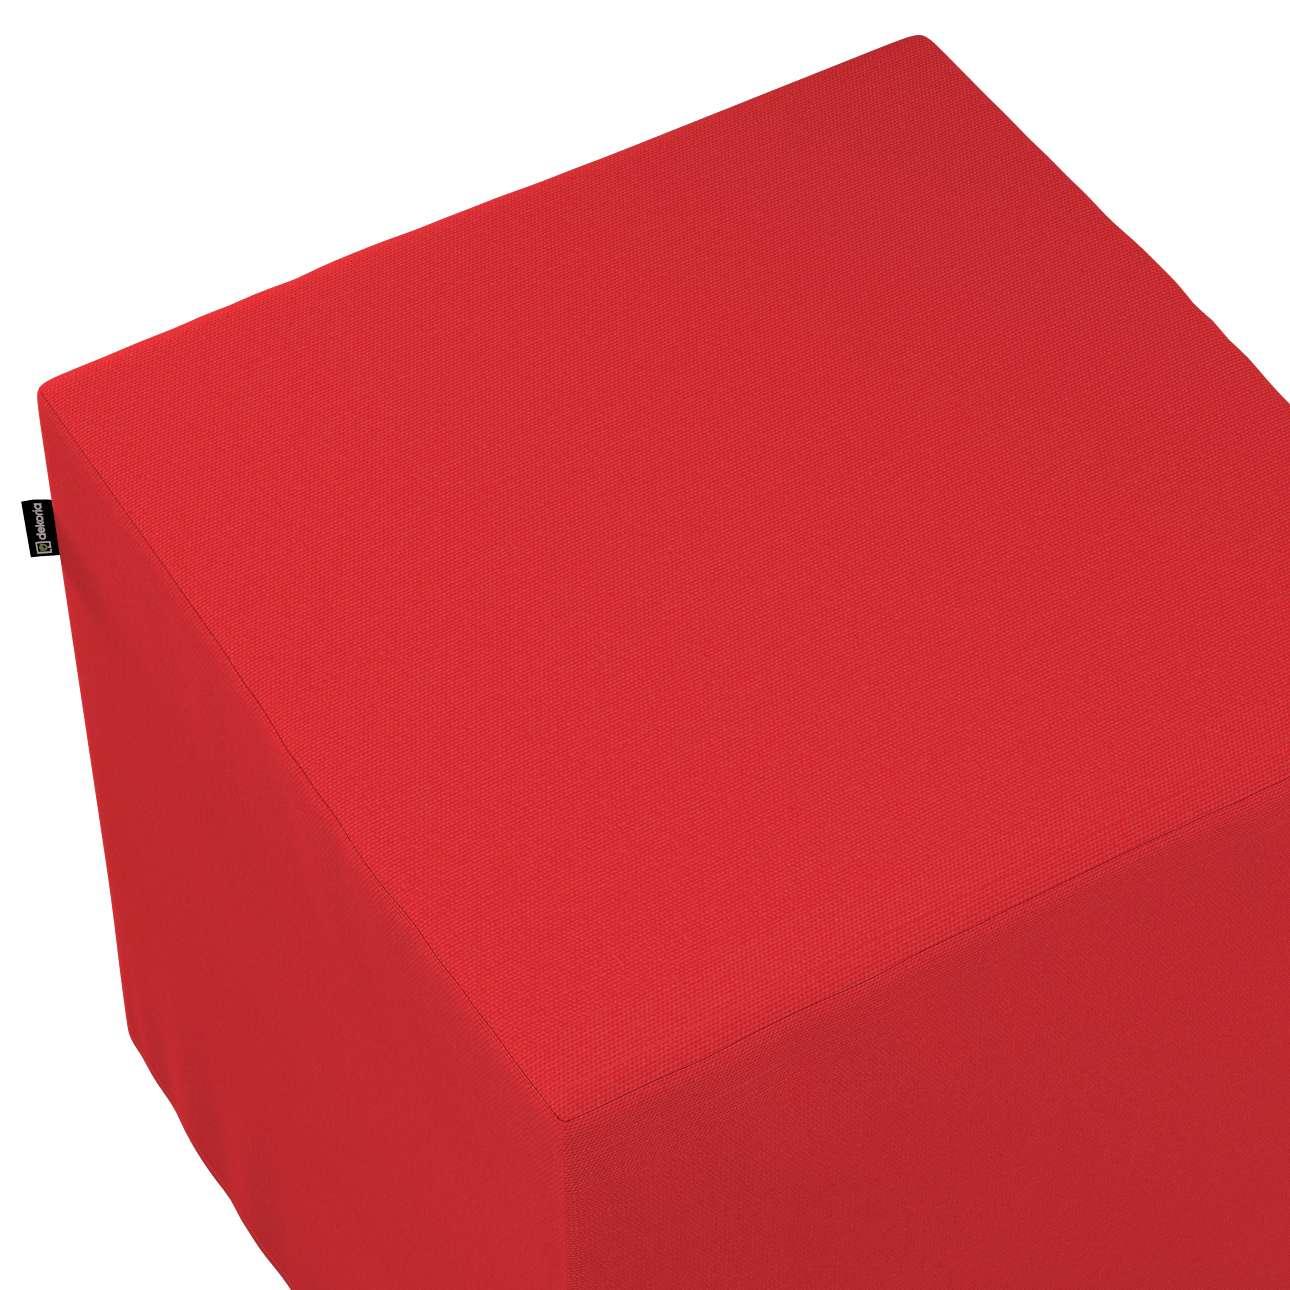 Pokrowiec na pufę kostkę w kolekcji Loneta, tkanina: 133-43